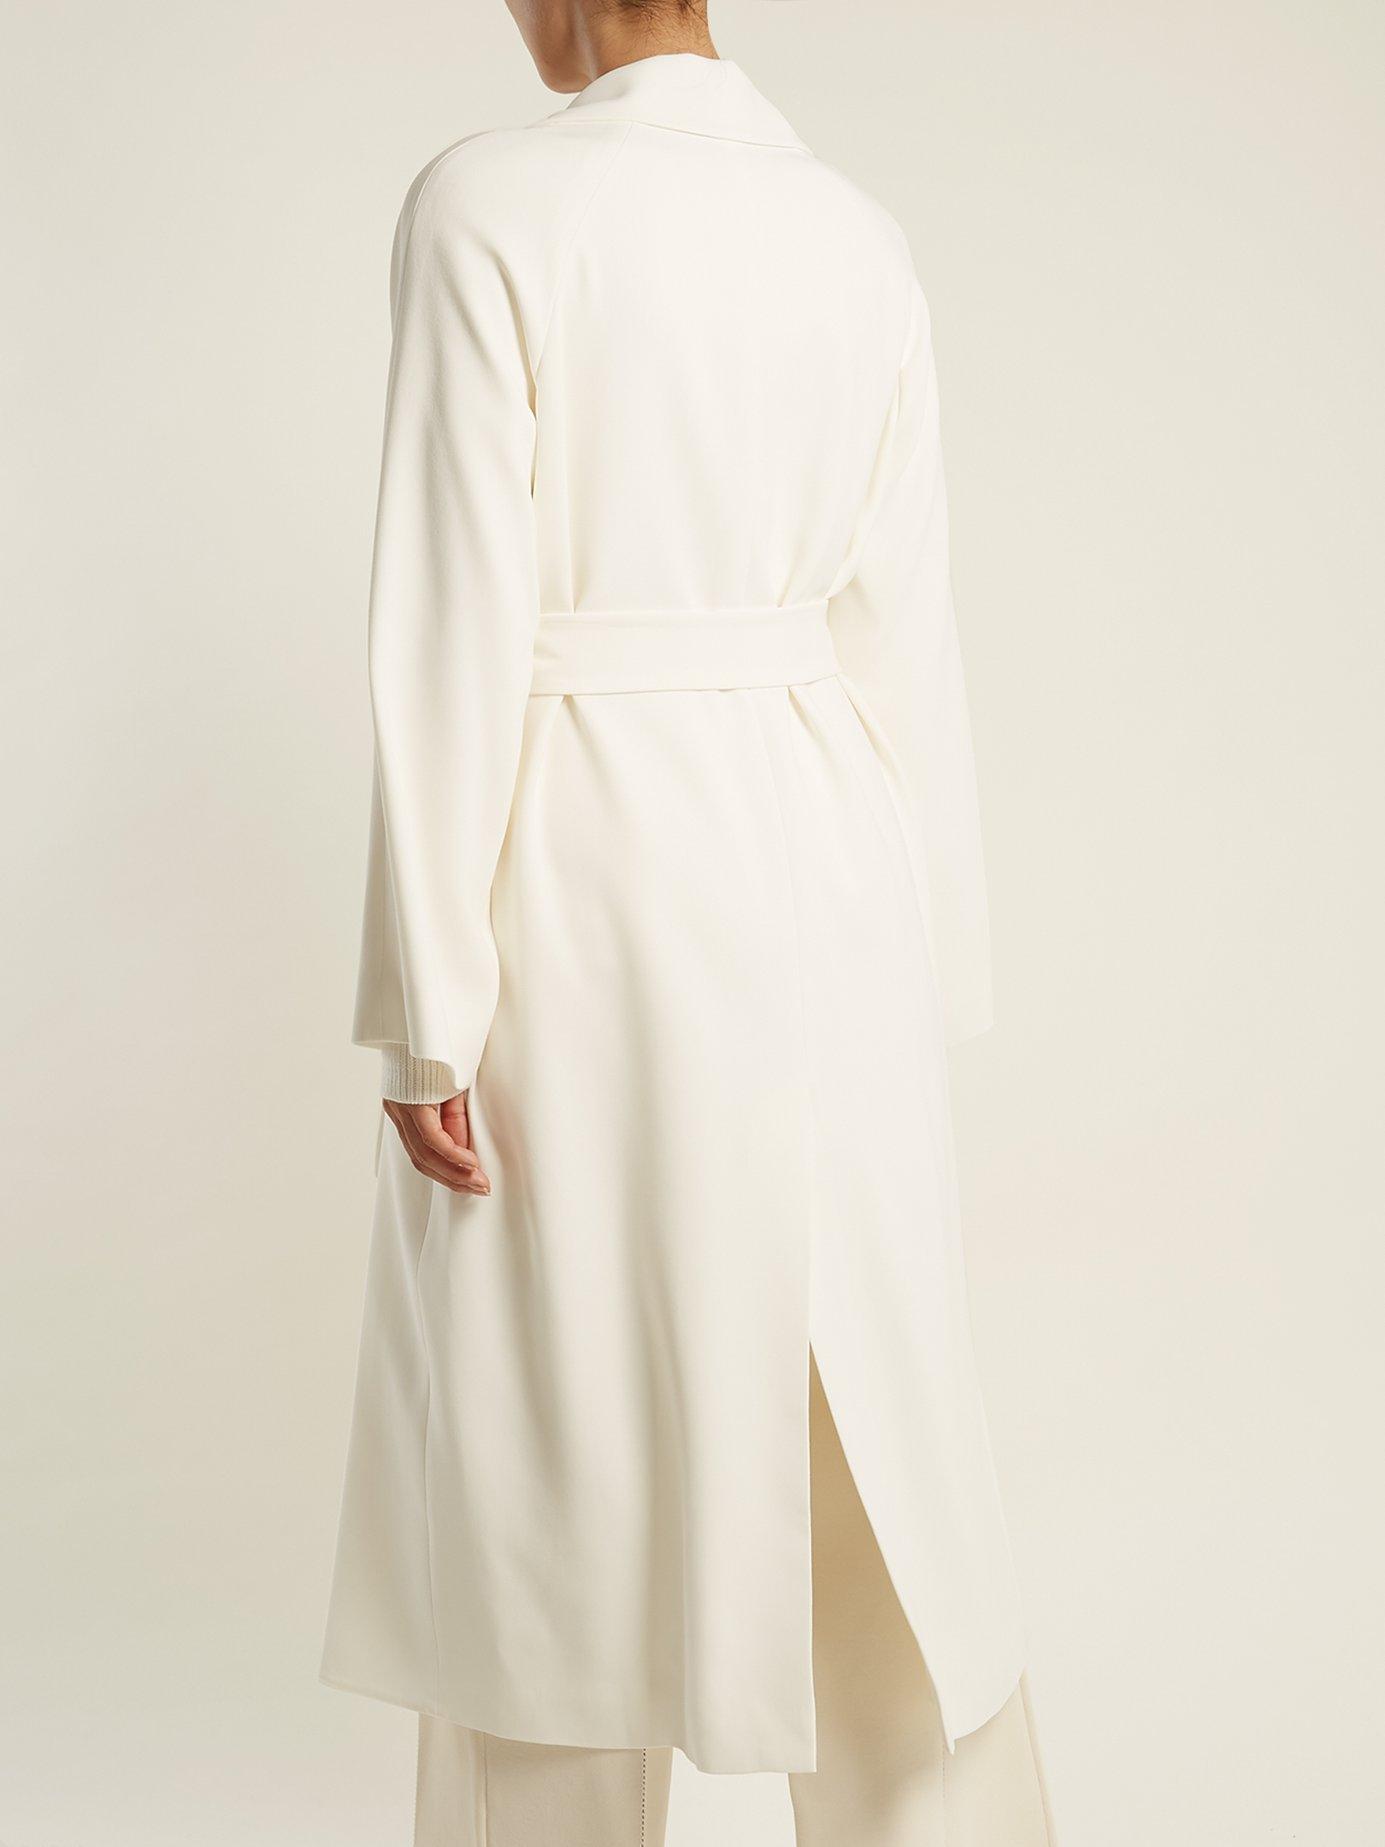 Bruner tie-waist crepe coat by The Row